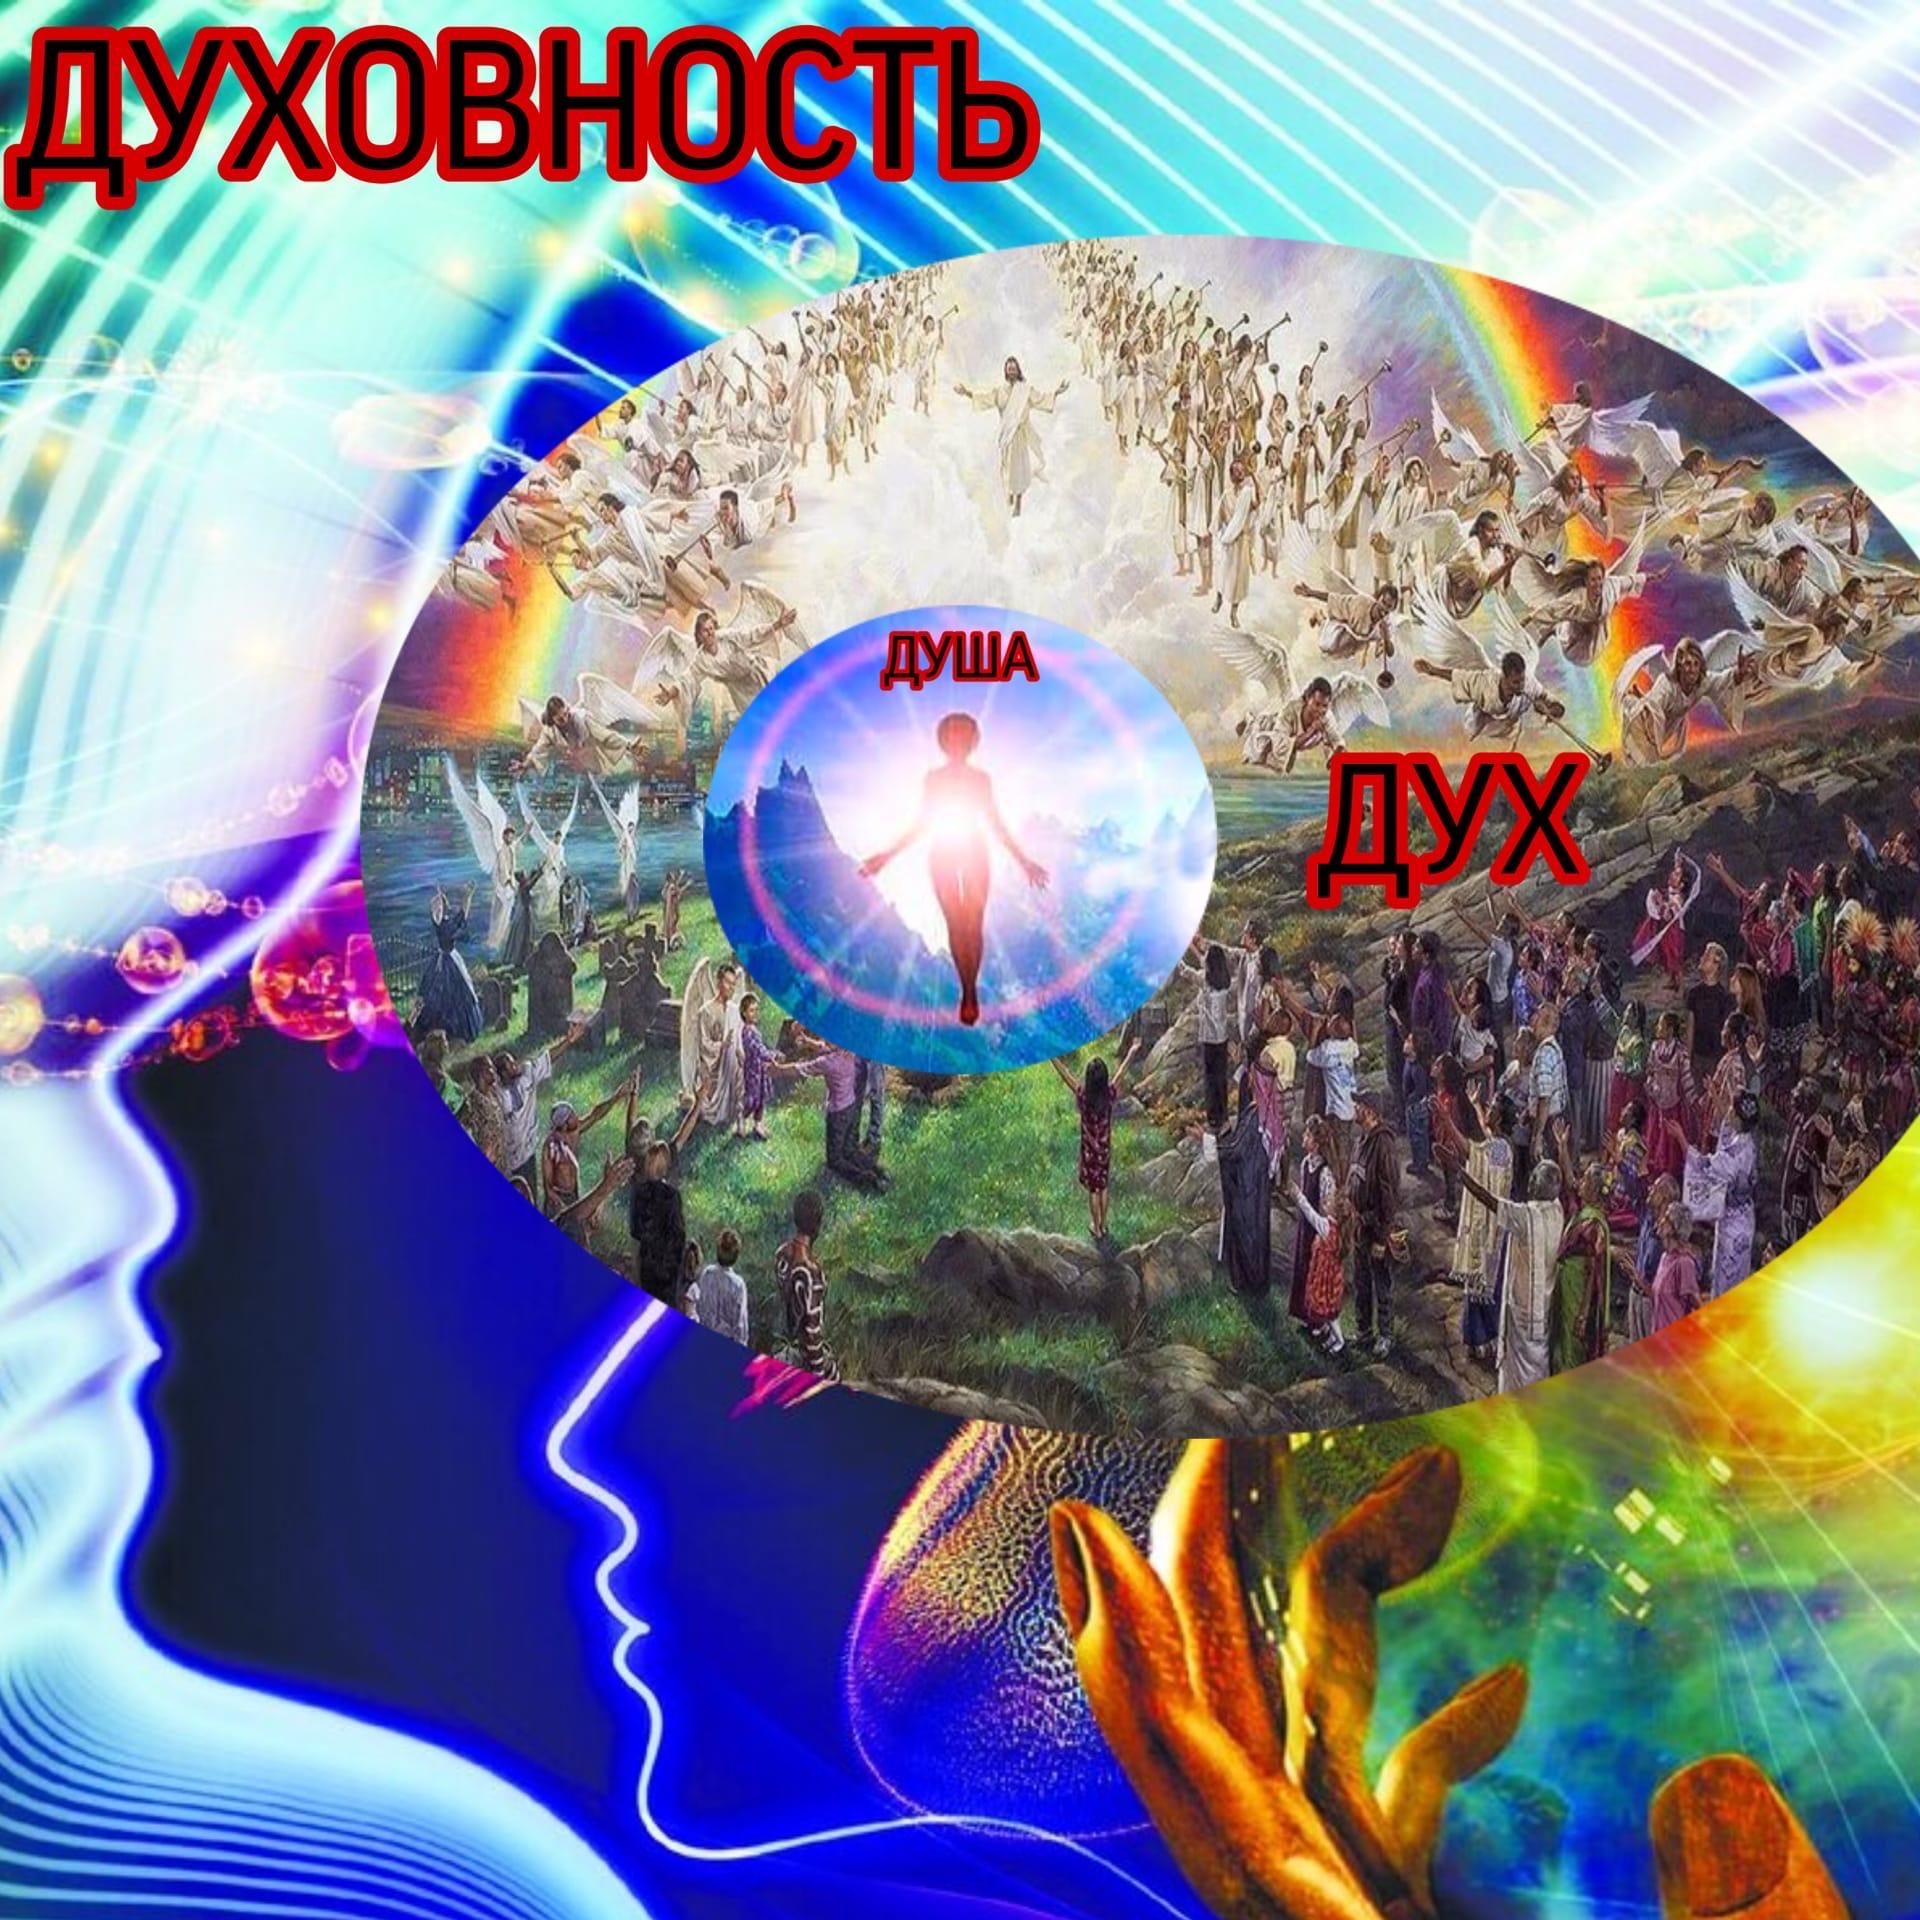 Дух, душа и духовность нематериальная основа жизни